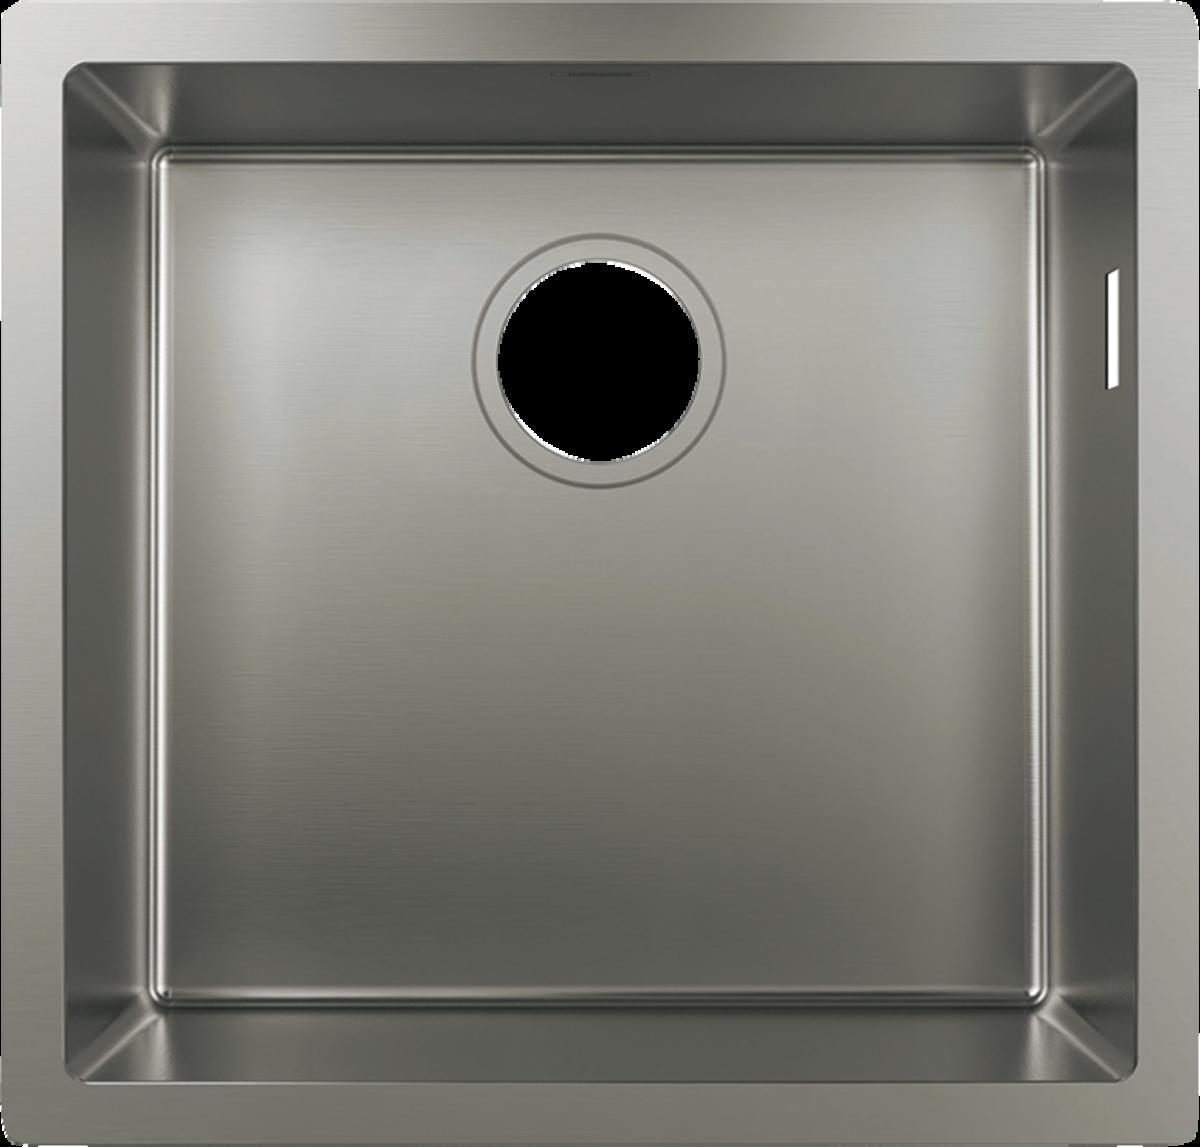 Ausgezeichnet Unterbau Küchenspüle Einbausatz Ideen - Küche Set ...